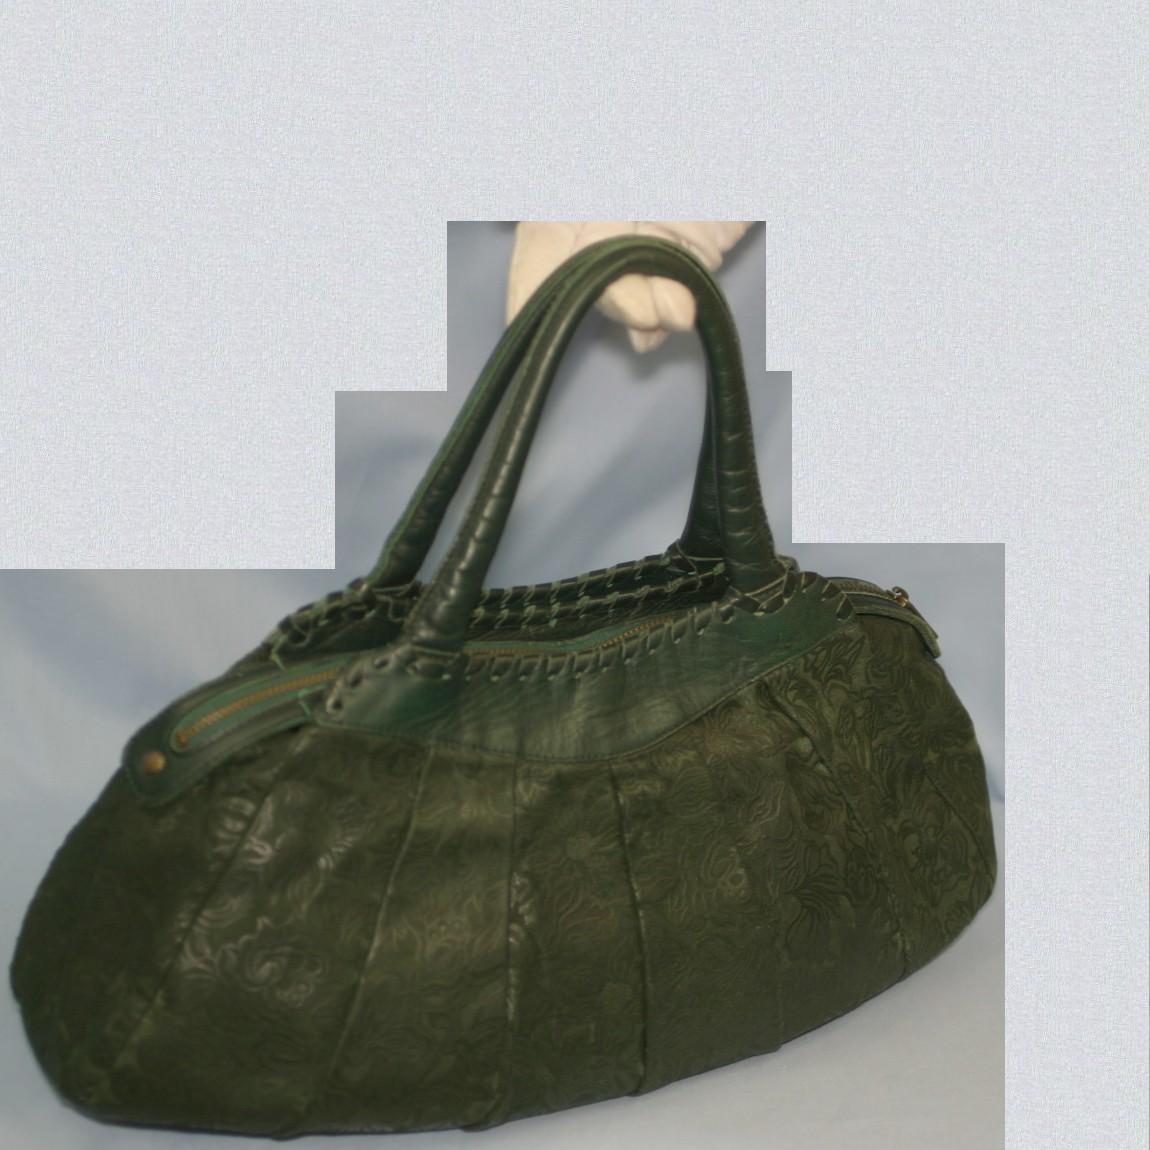 【中古】本物美品イビザ女性用深緑色周囲に花柄模様41センチ横長バッグ